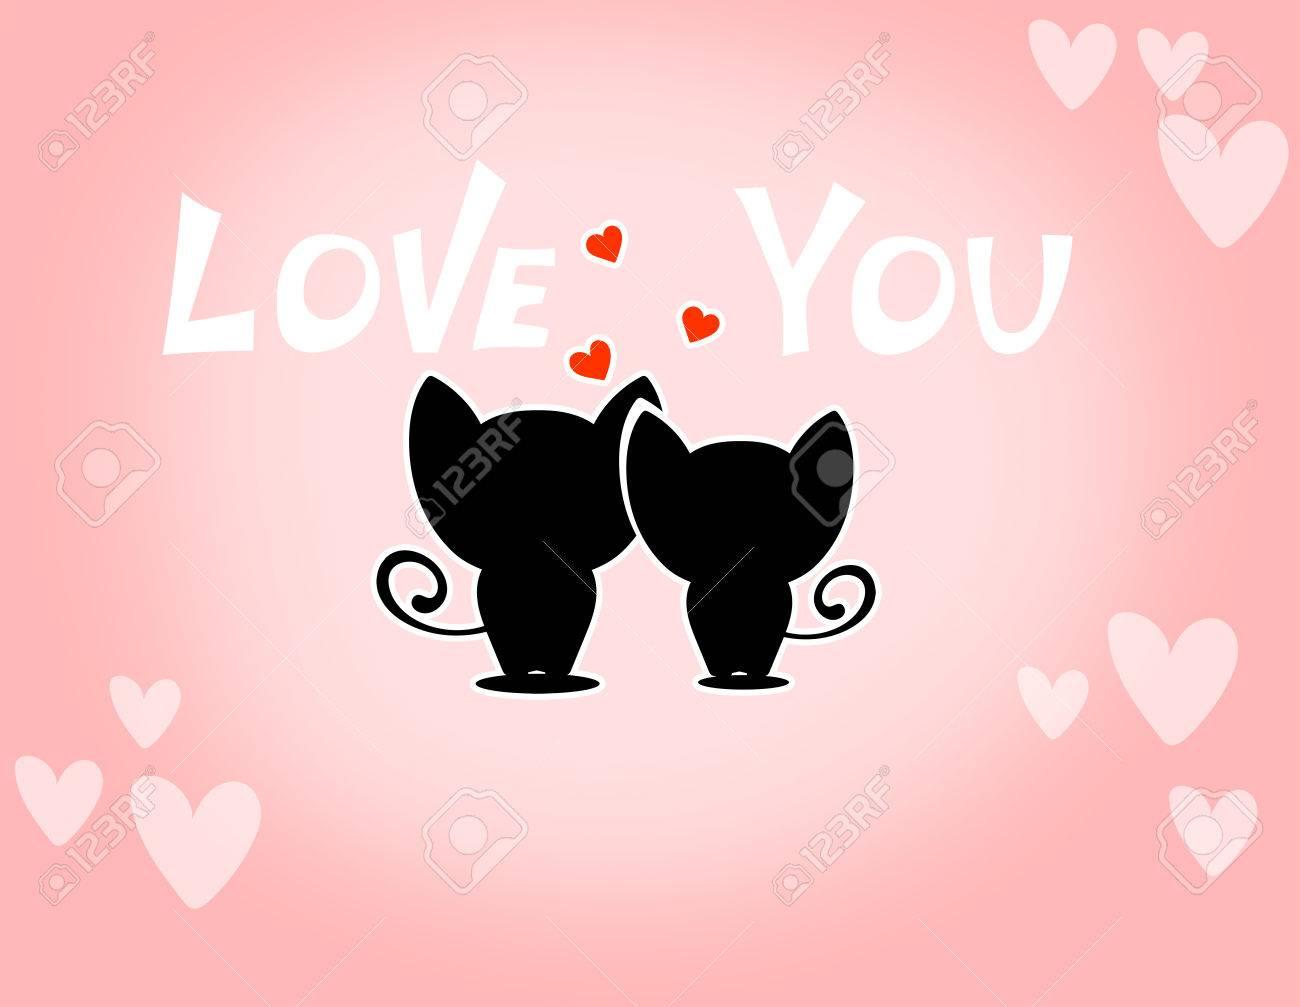 かわいい漫画の動物カップルは恋に落ちるベクトル イラスト の写真